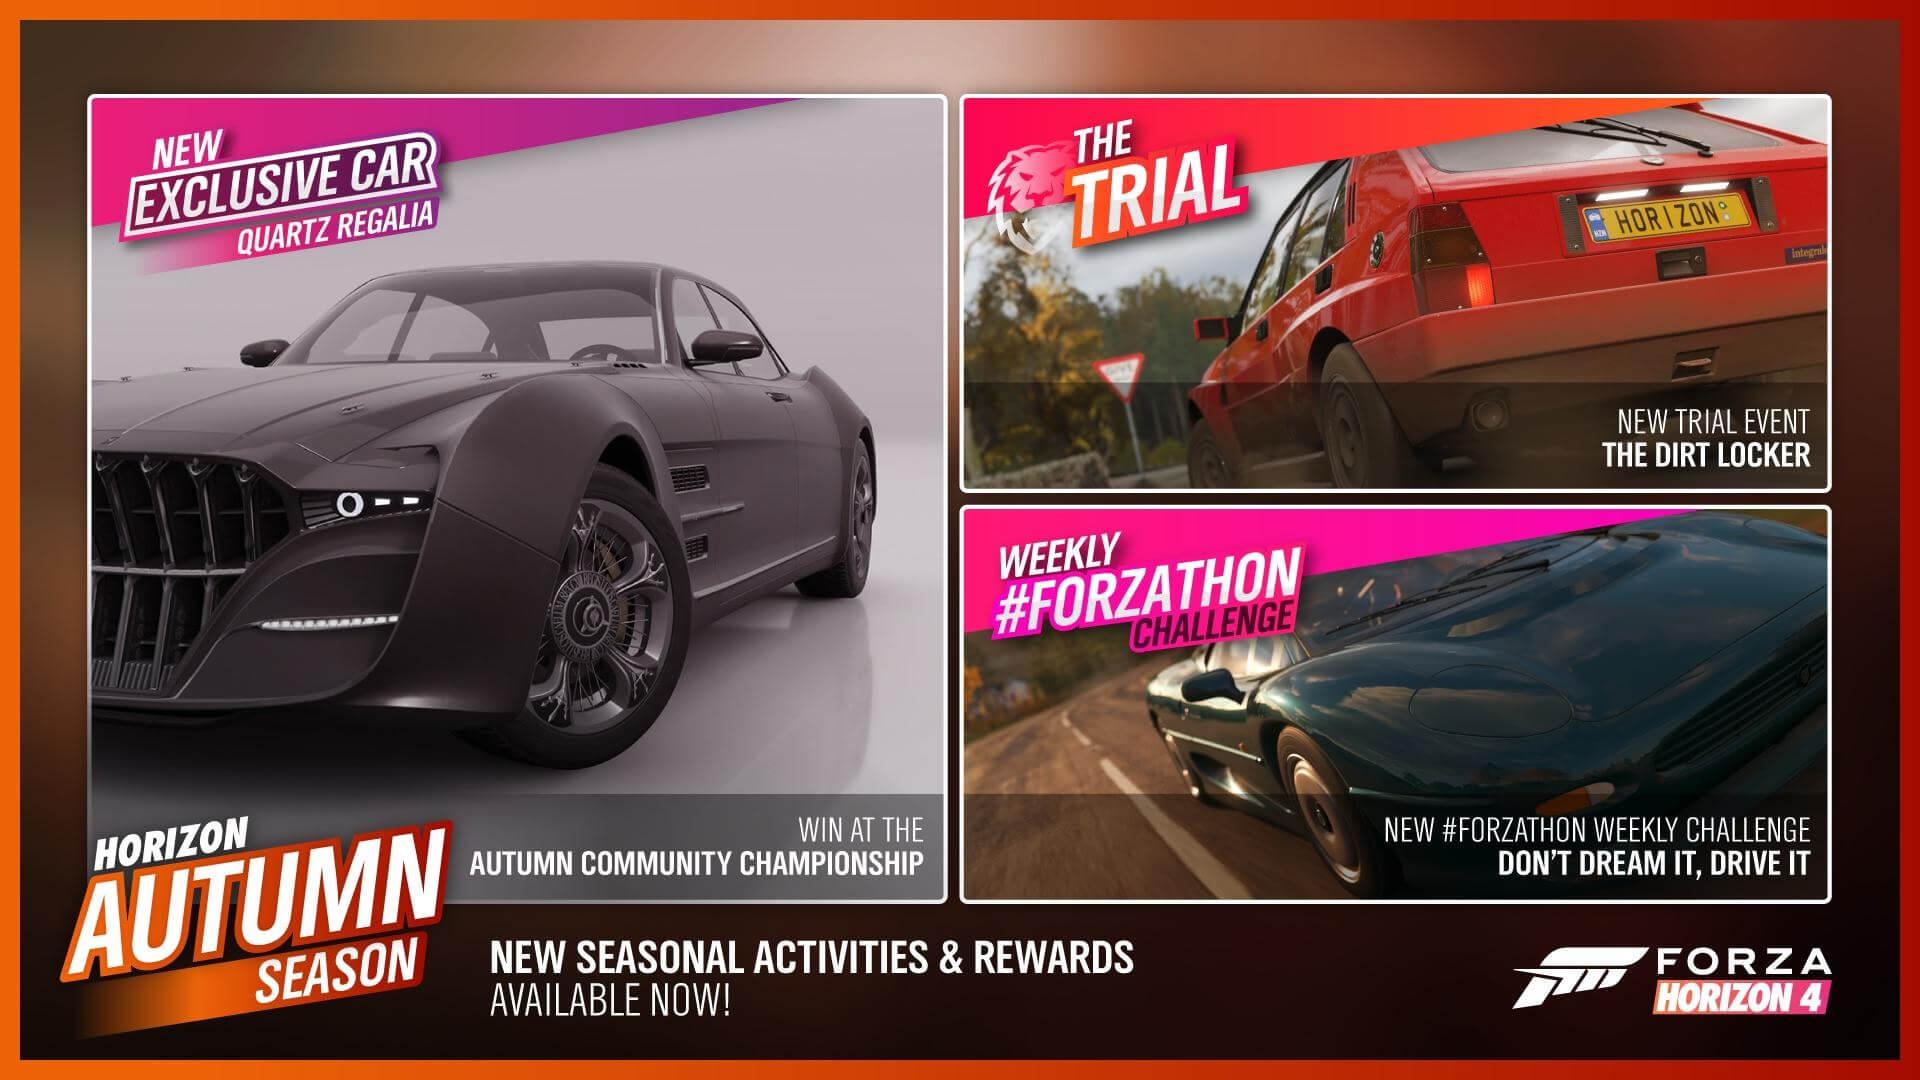 Forza horizon 4 car mastery forza edition cars